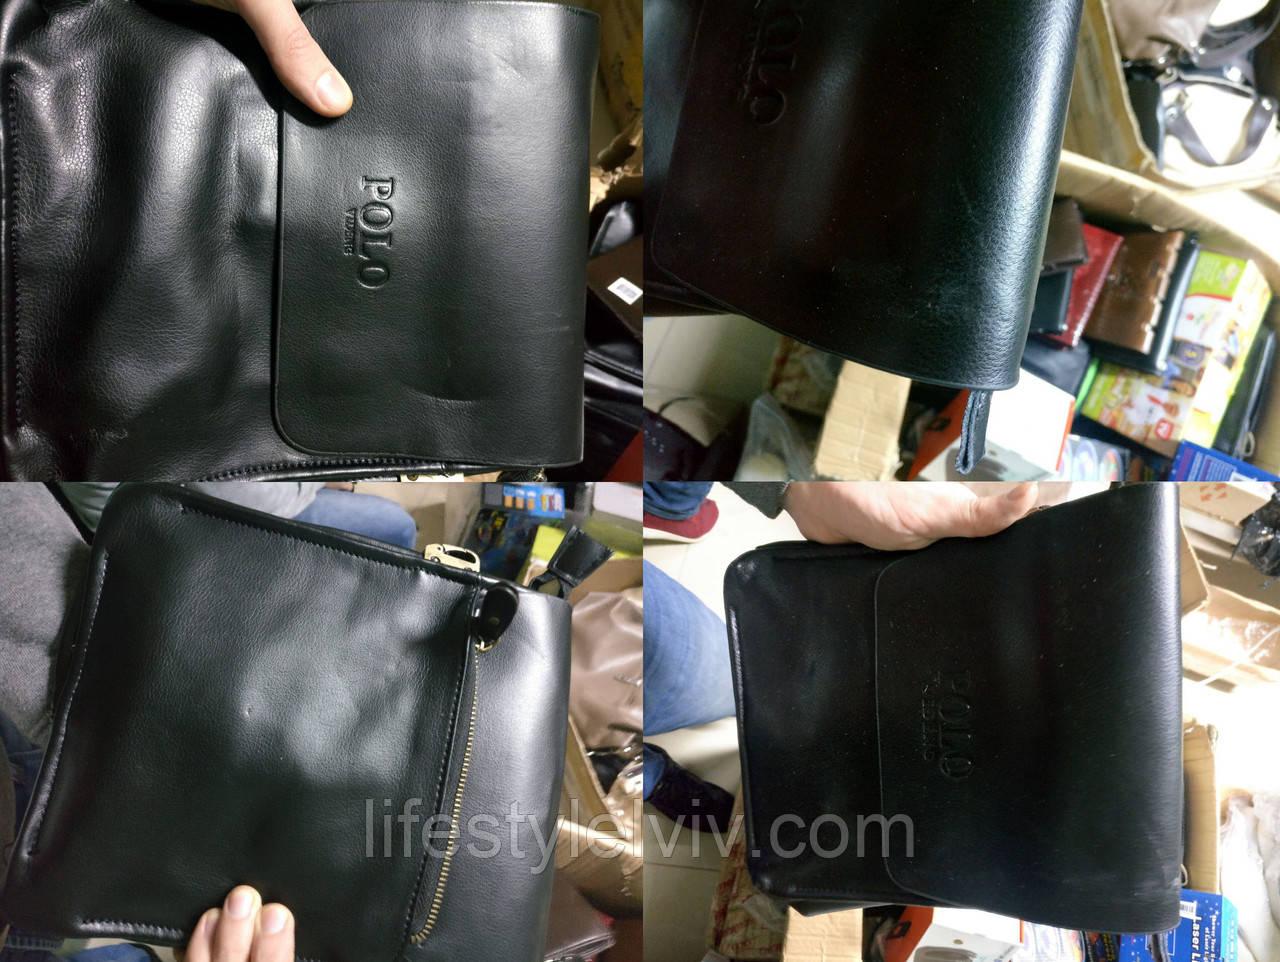 170c7ee714ad Мужская сумка-портфель Polo Videng имеет стильный дизайн и крепкую  фурнитуру. Идеально вмещает папки, бумаги и документы. Внутреннее объёмное  отделение и ...